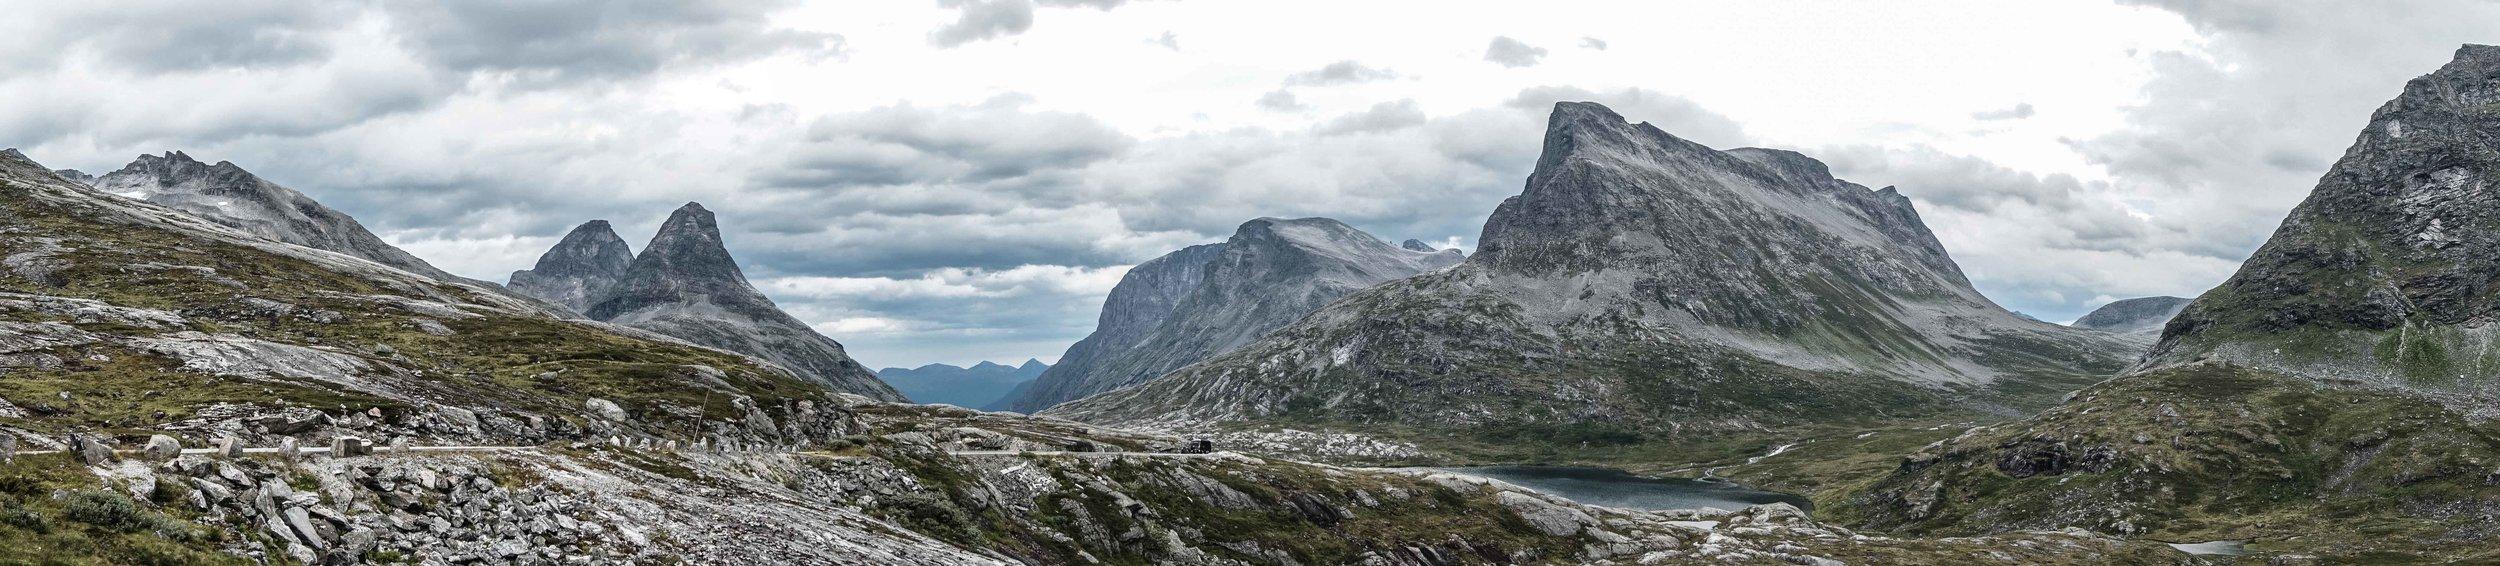 Norway-09778.jpg